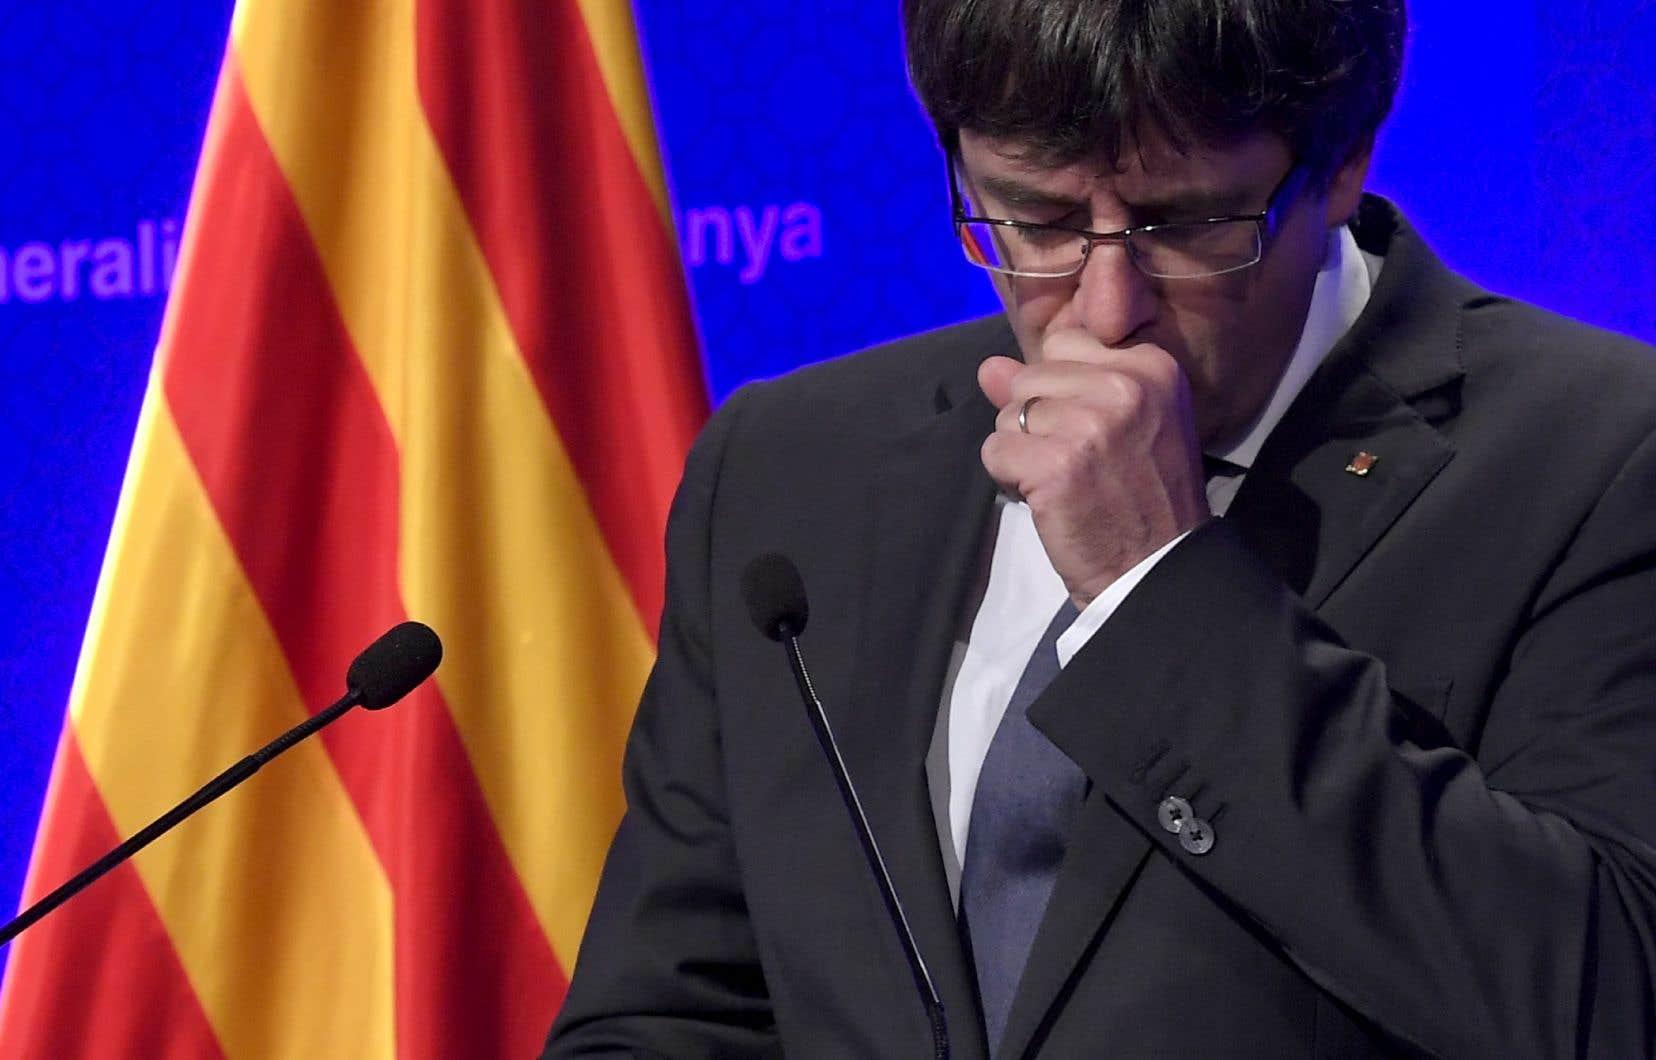 Le candidat à la présidence Jordi Sànchez maintenu en détention — Catalogne